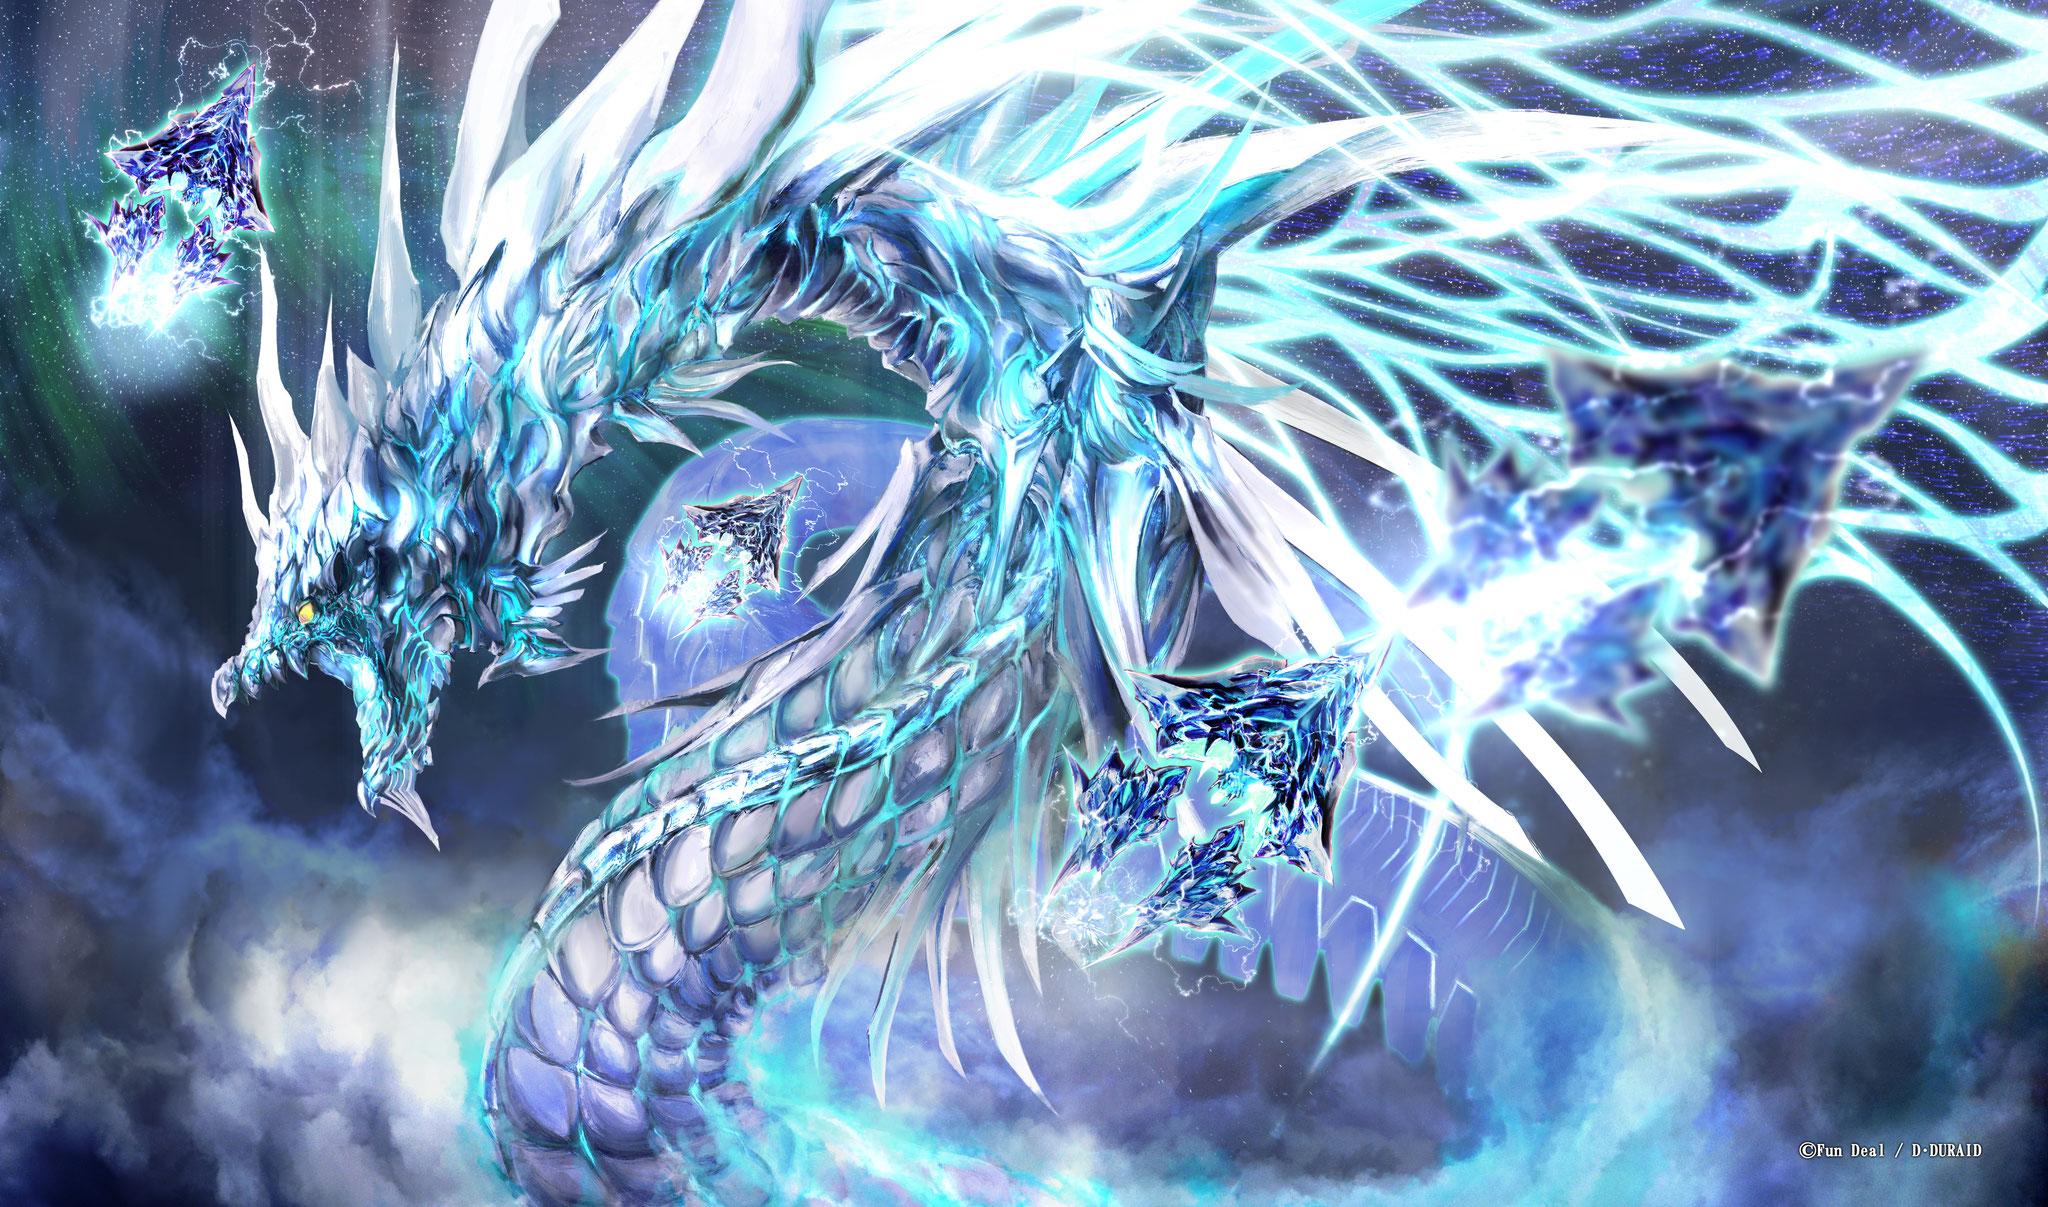 C94限定 ドラゴン エーリュシオン  イラスト:D・DURAID ¥3,000(税込)